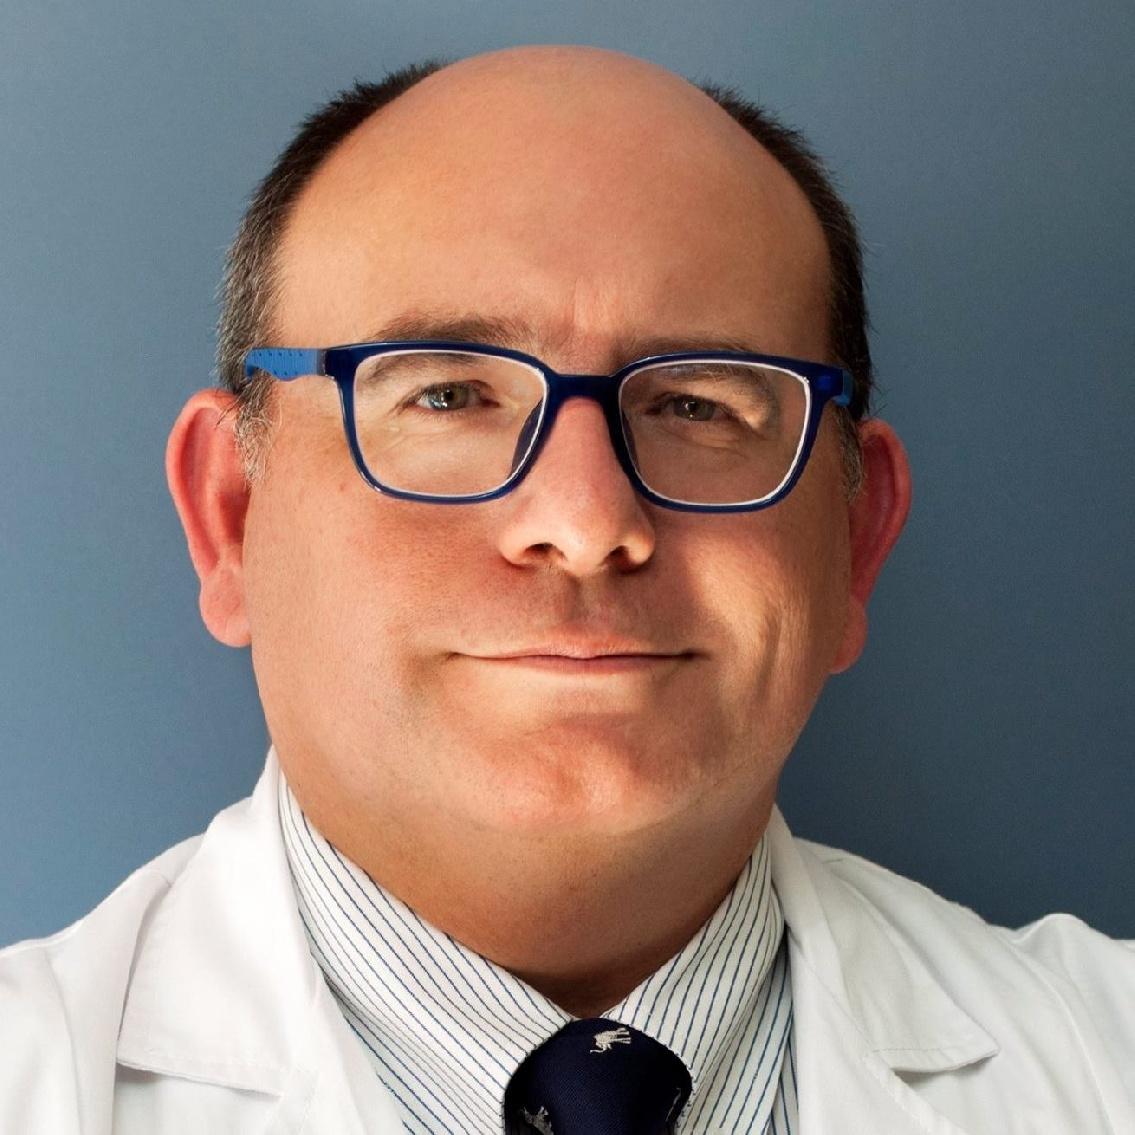 El Dr. Farrington, uno de los 100 mejores médicos de España según Forbes